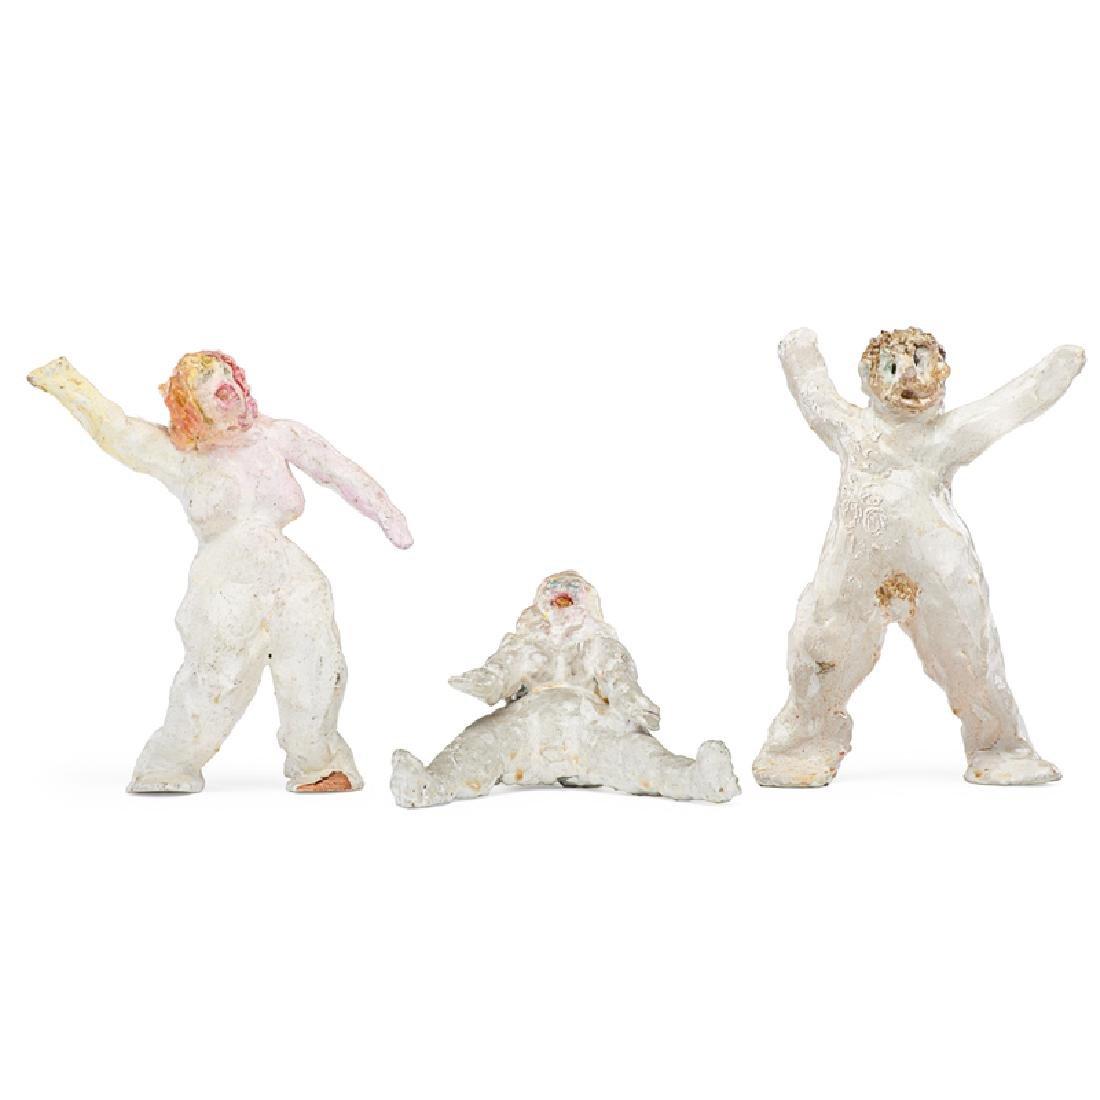 DAVID LUBIN Three sculptures